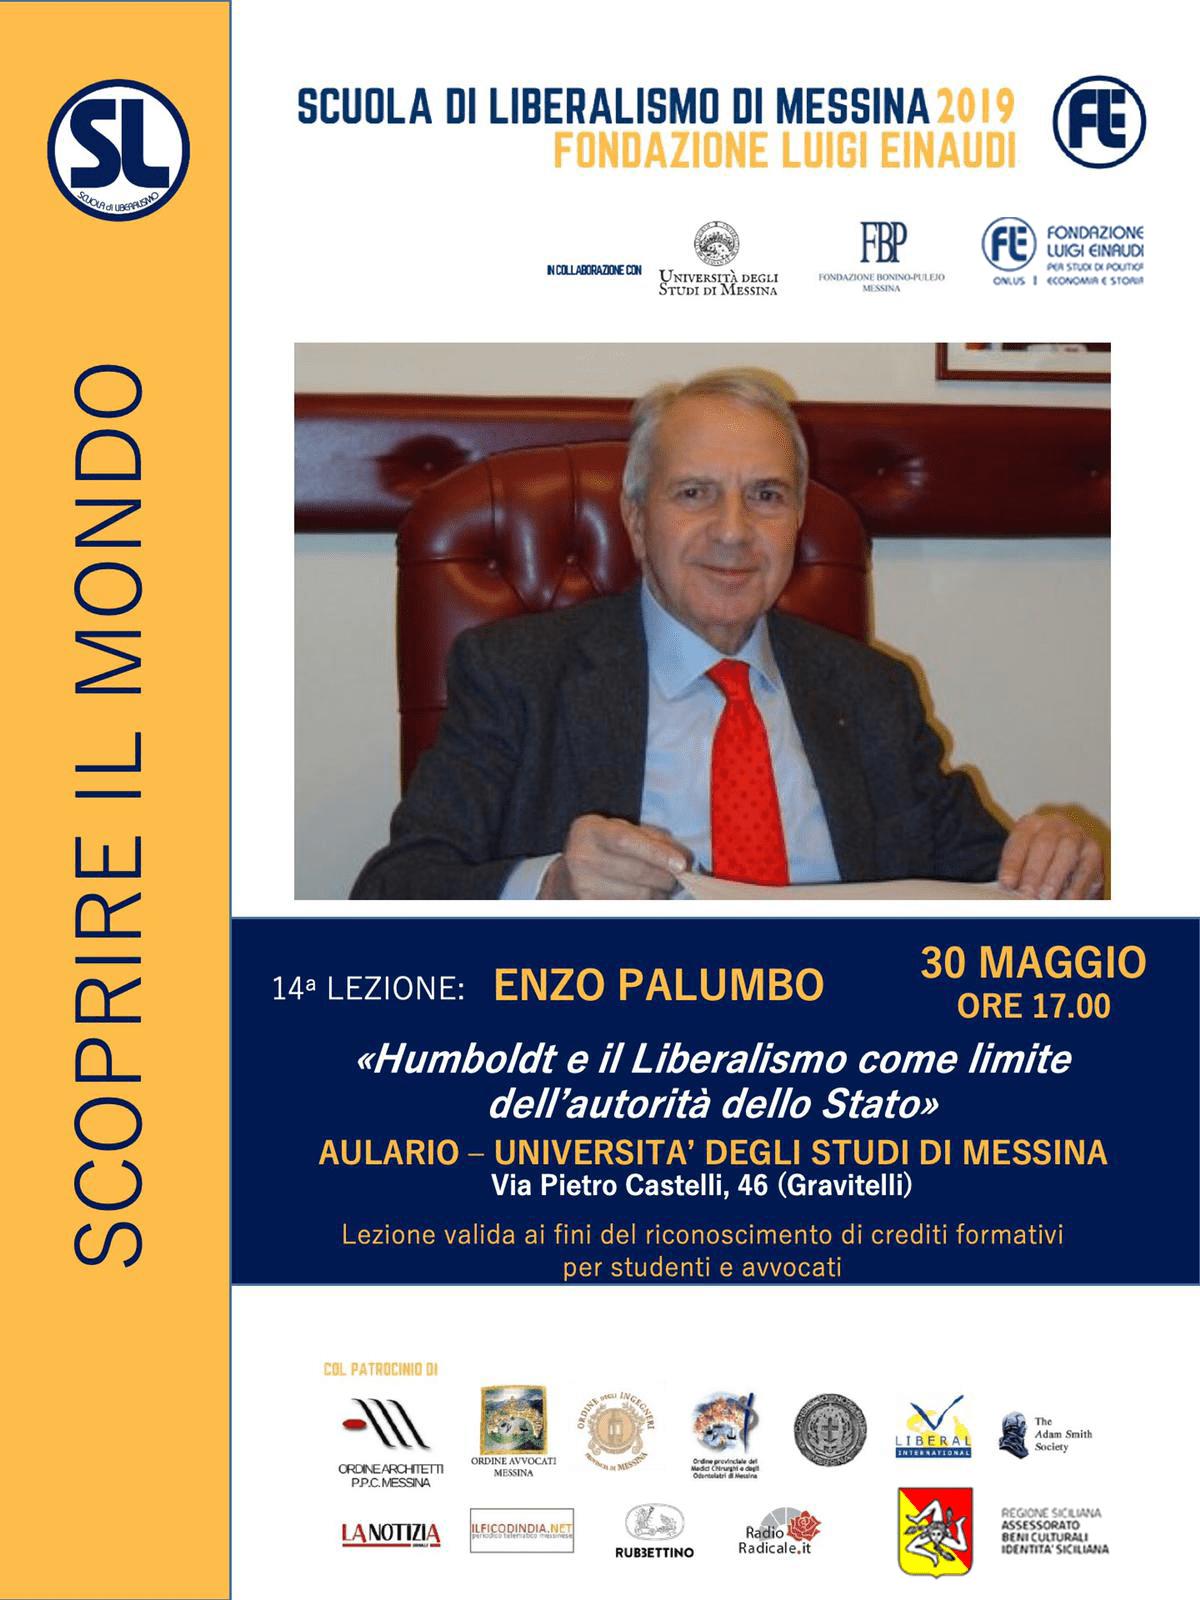 """Scuola di Liberalismo 2019 – Messina: lezione di Enzo Palumbo sul tema """"Humboldt e il Liberalismo come limite dell'autorità dello Stato"""""""